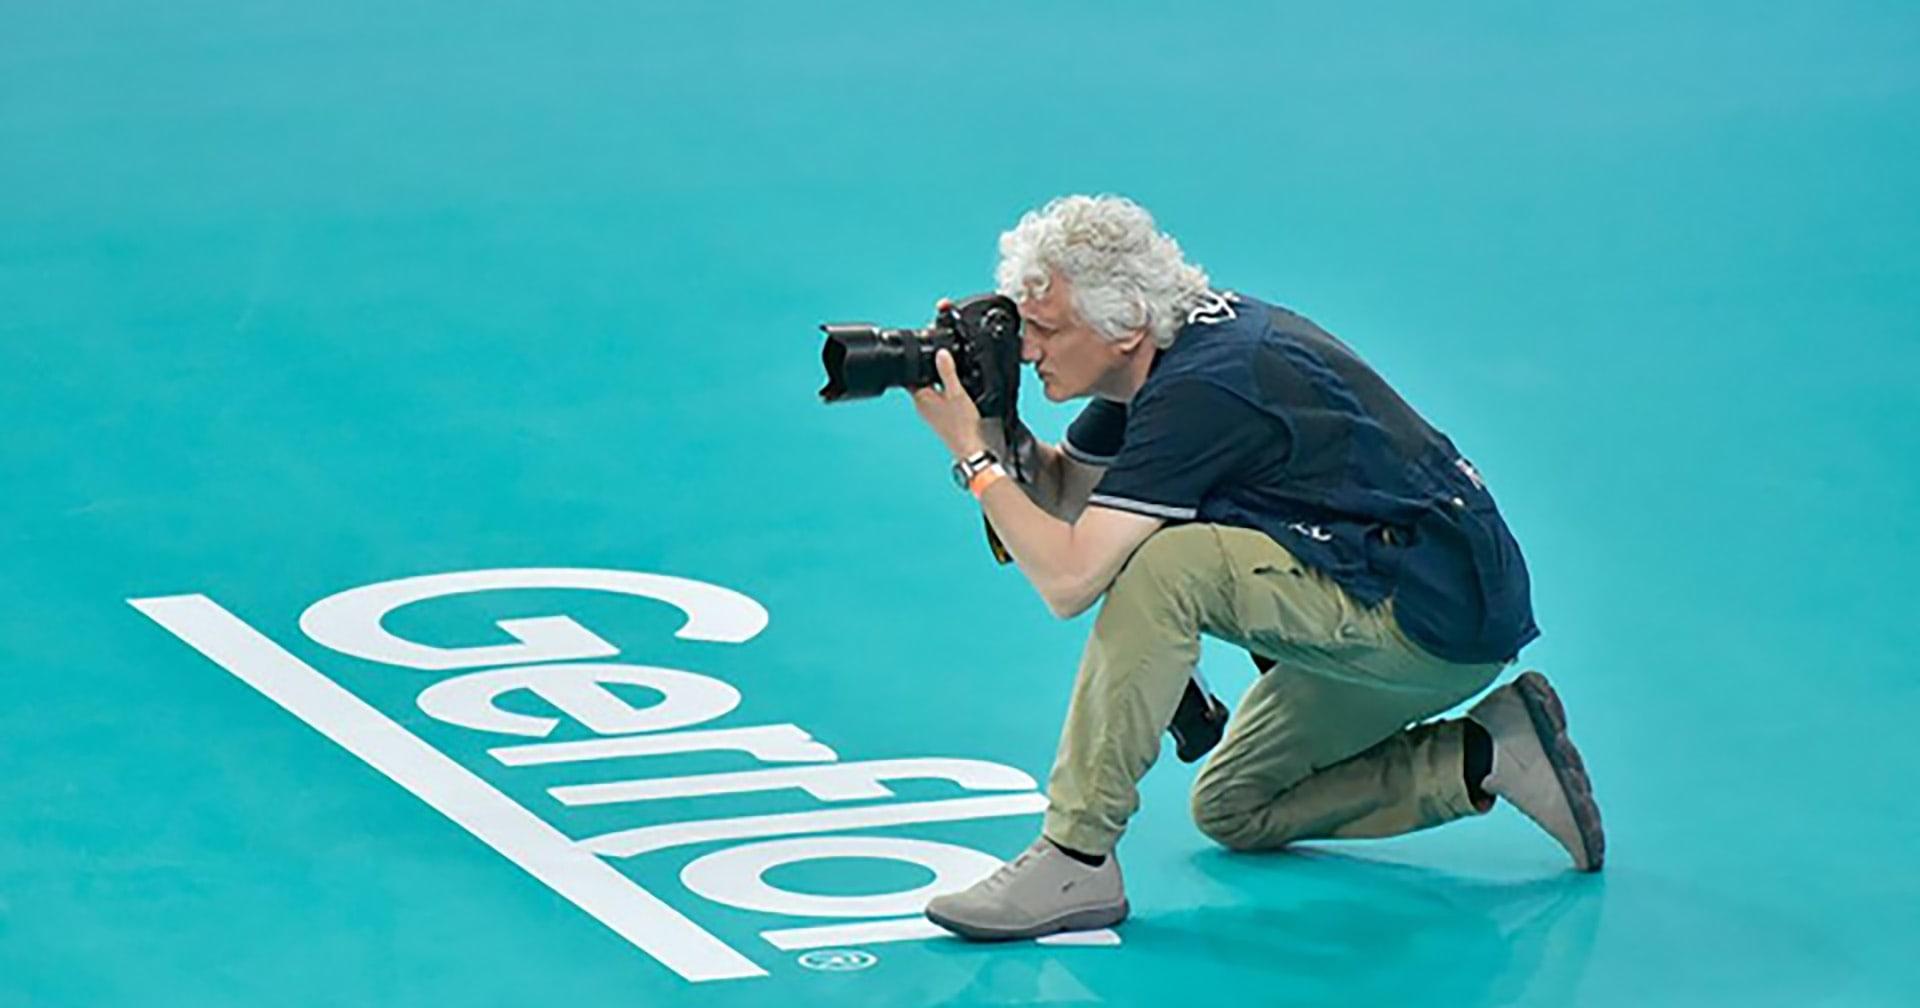 FOTOGRAFIA SPORTIVA : IL VOLLEY